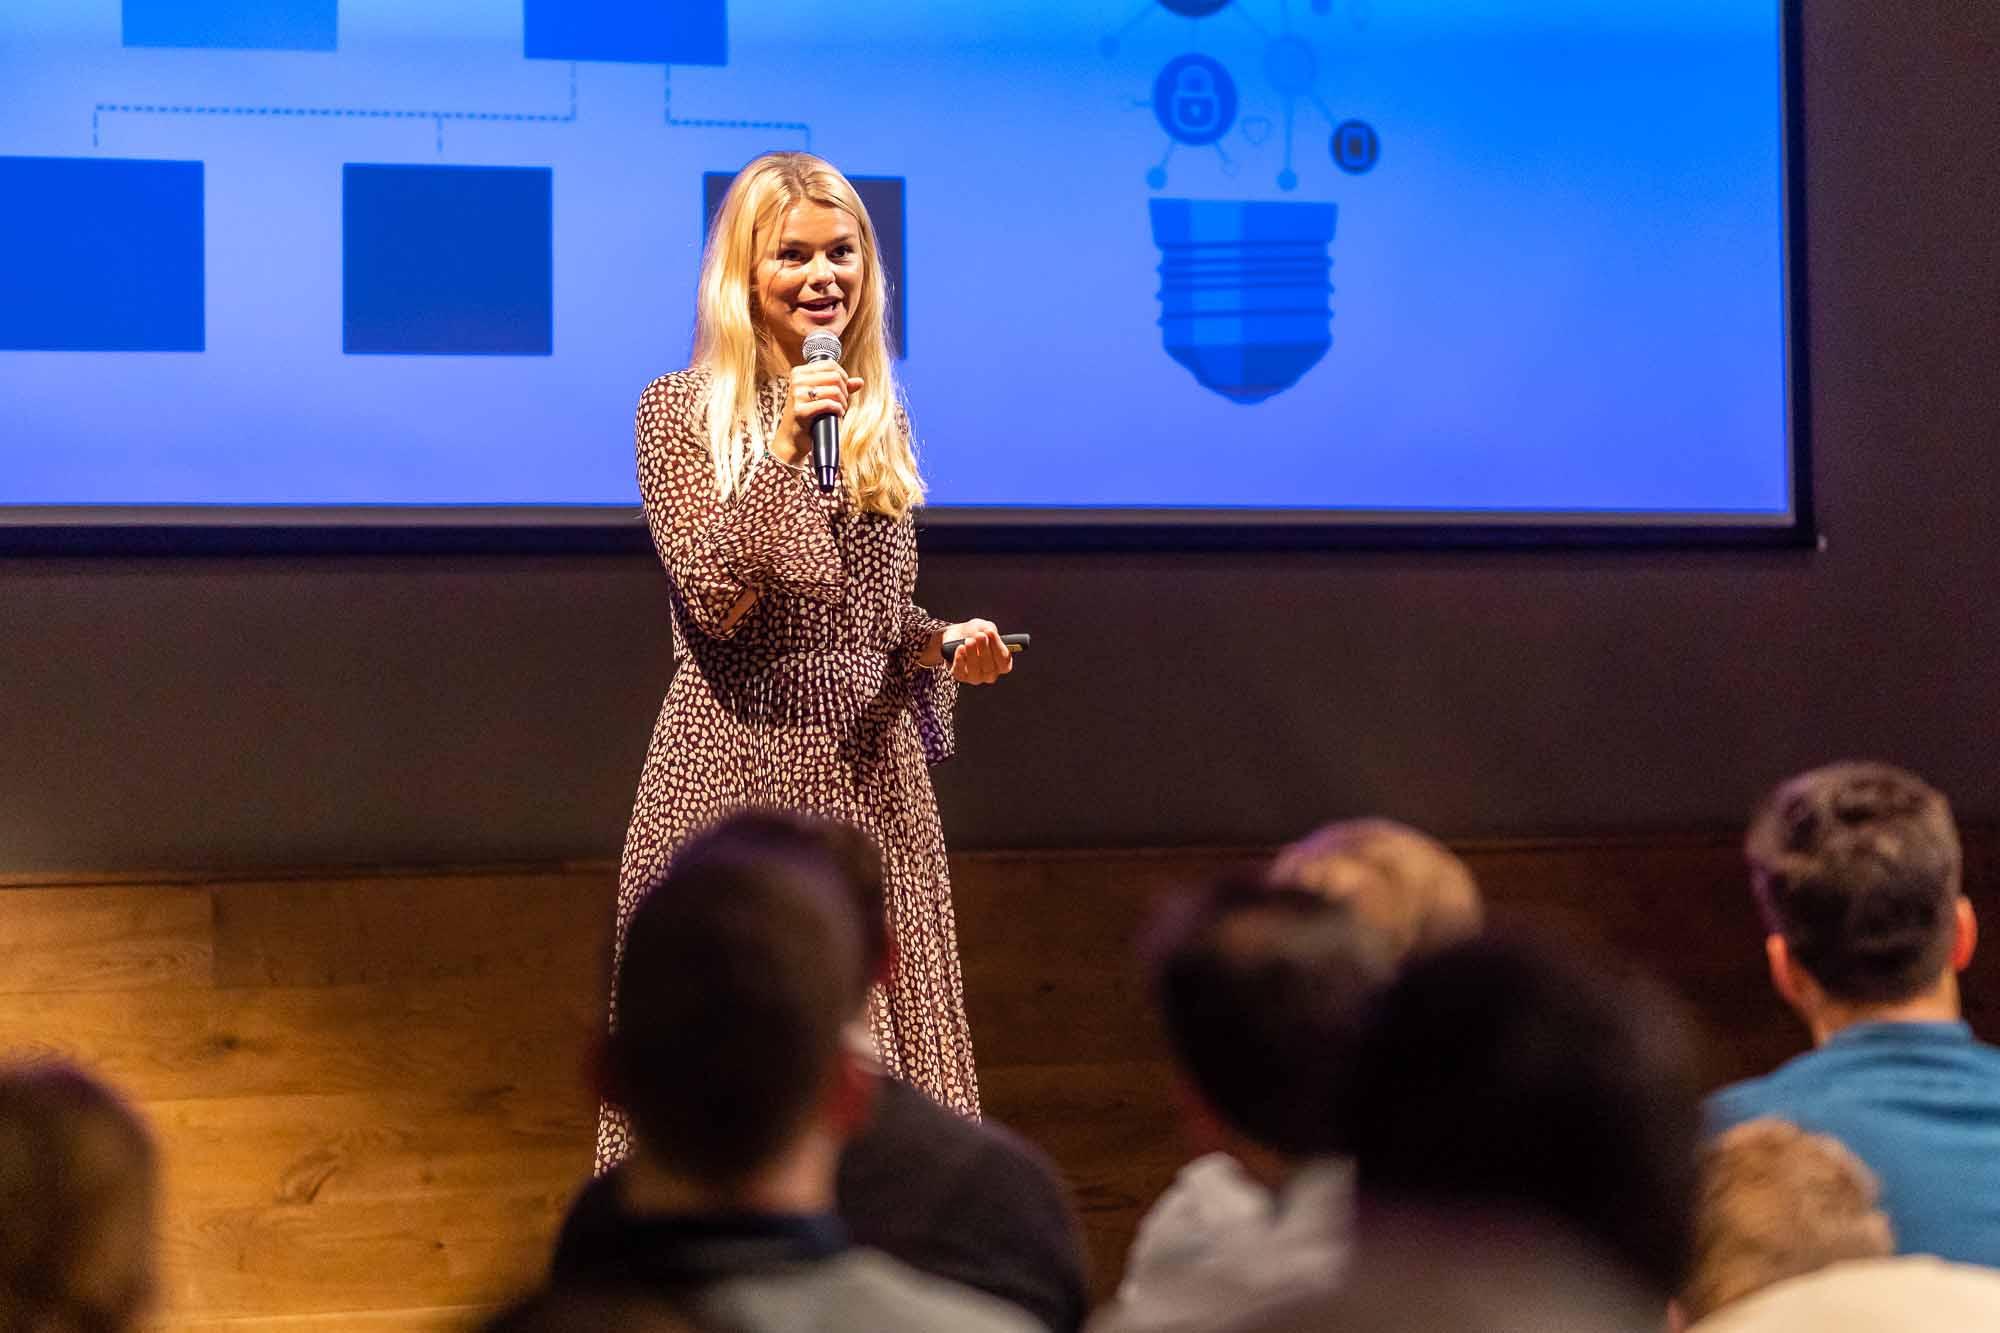 Die Female Leadership Academy unterstützt Unternehmen mit digitalen Tools bei der systematischen Förderung ihrer weiblichen Mitarbeiterinnen.